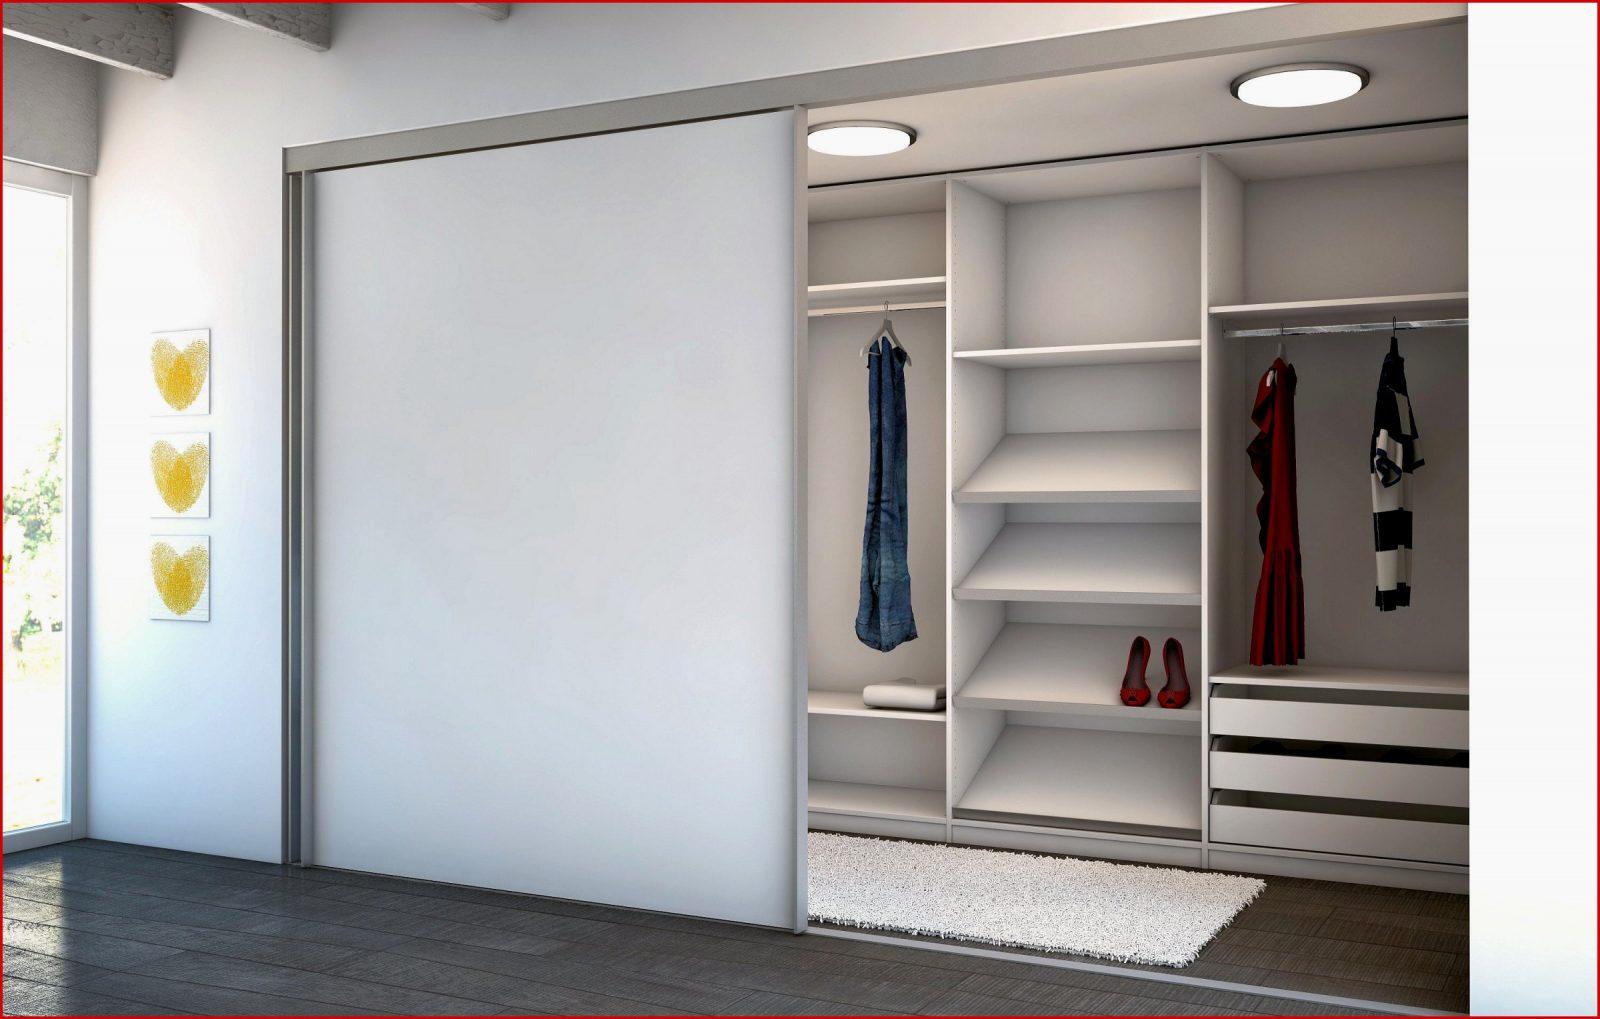 Schiebetüren Schrank Selber Bauen  Cabinetworlddesign von Kleiderschrank Schiebetüren Selber Bauen Bild